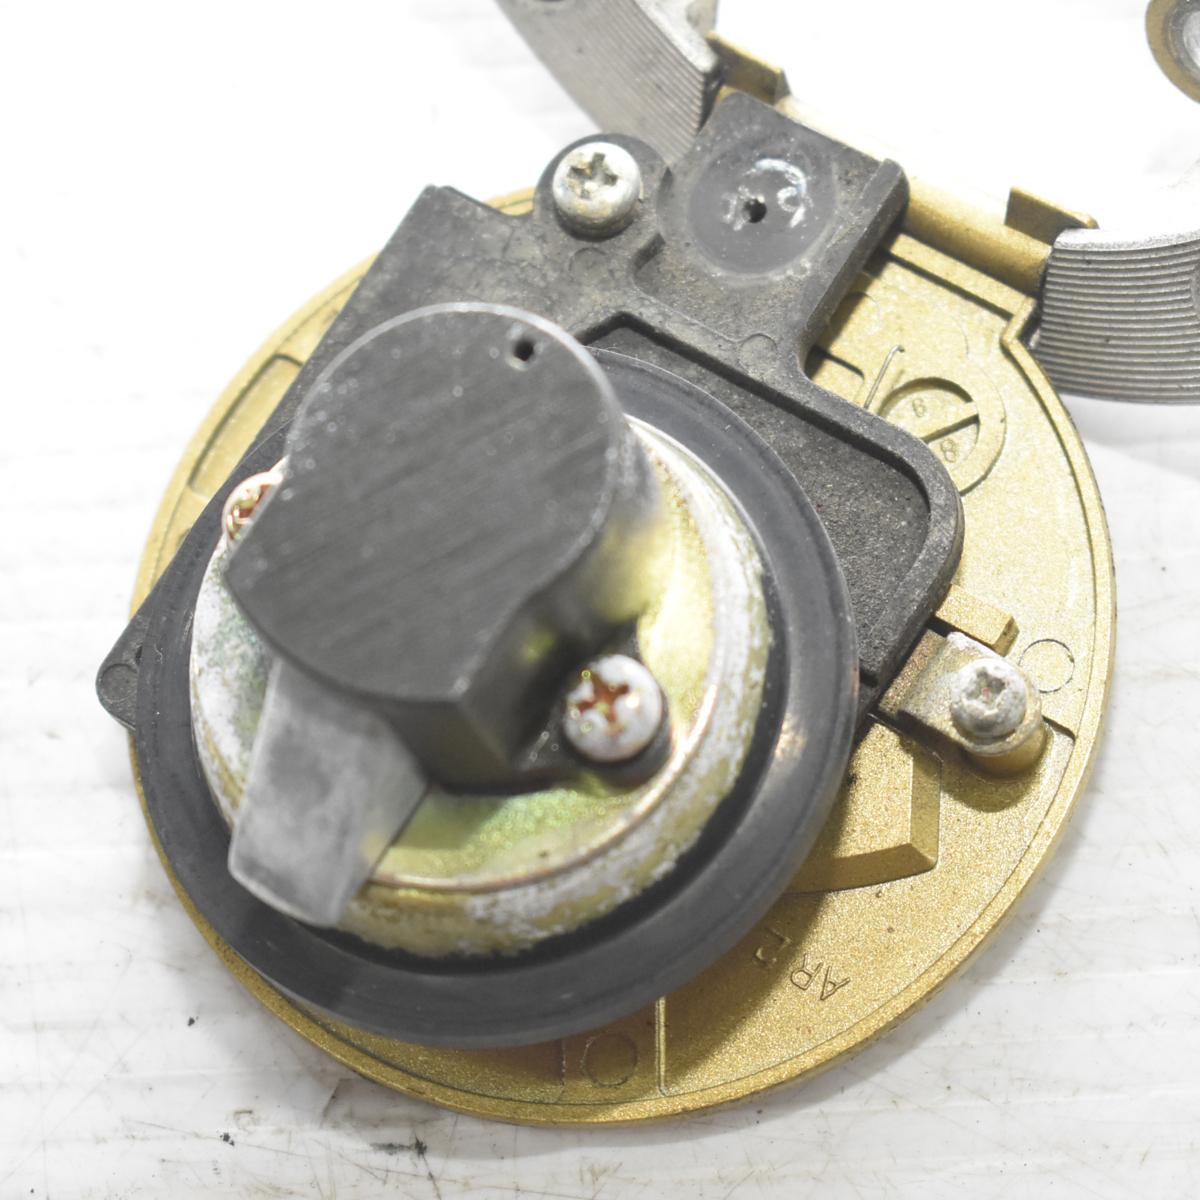 ドゥカティ SS900 ZDM1LC メインキー タンクキャップ シートロック 共通キーセット 【A】ASV_画像9